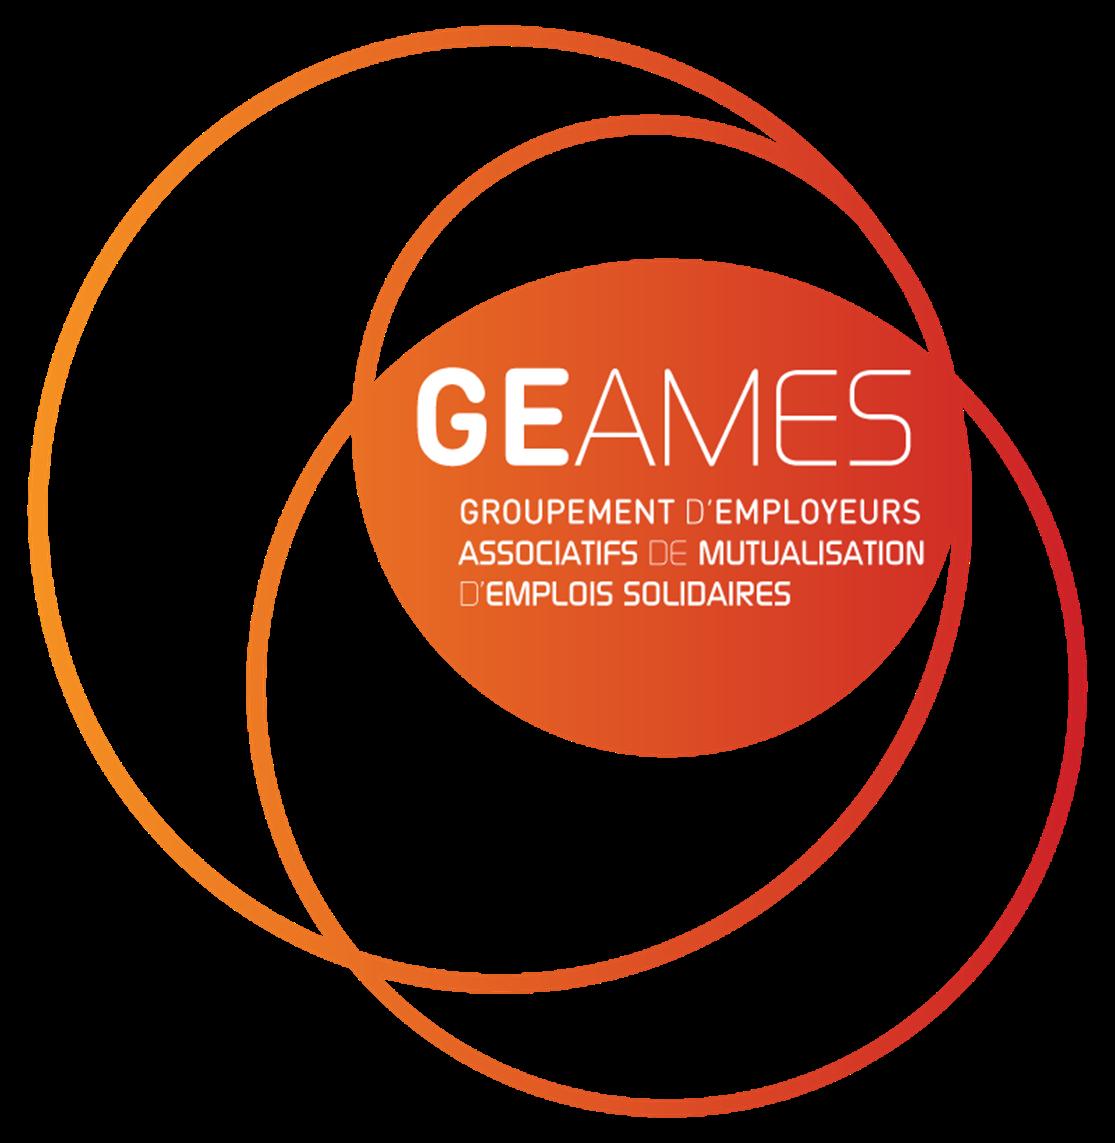 GE AMES (associatif de mutualisation d'emplois solidaires)